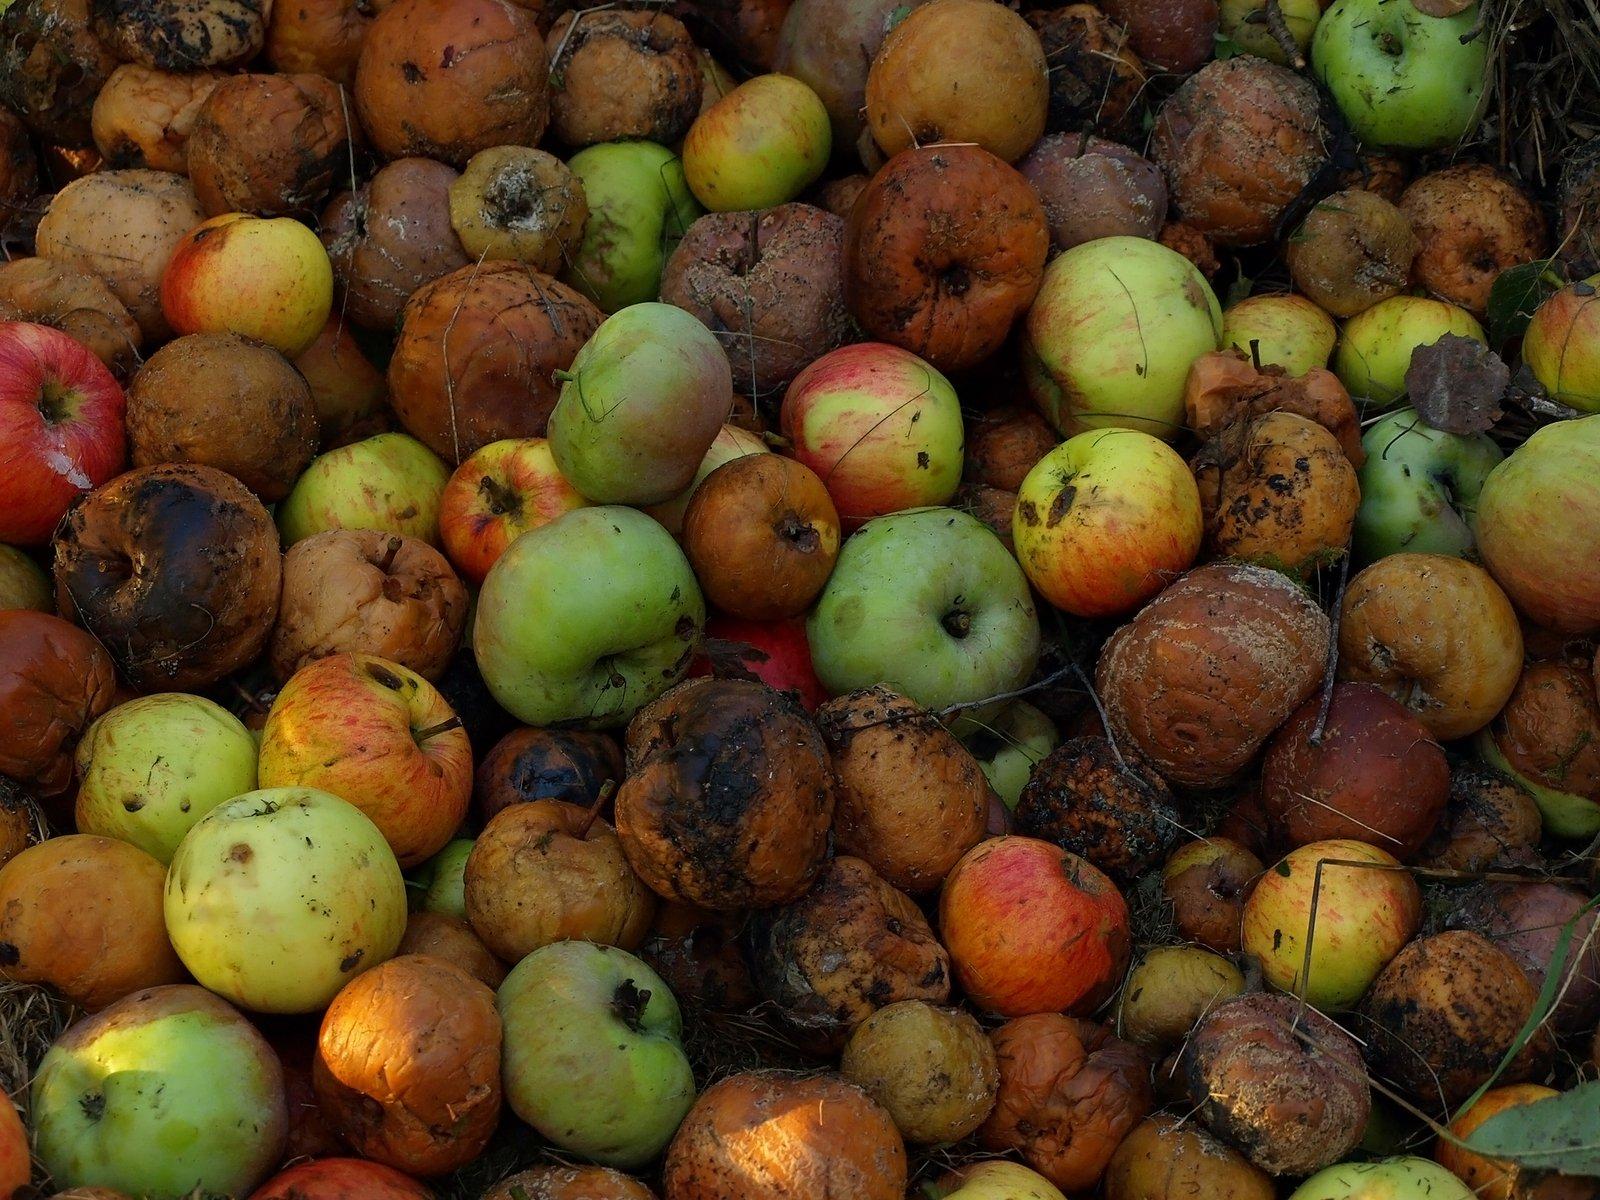 Frutas apodrecidas, amolecidas e com fungos